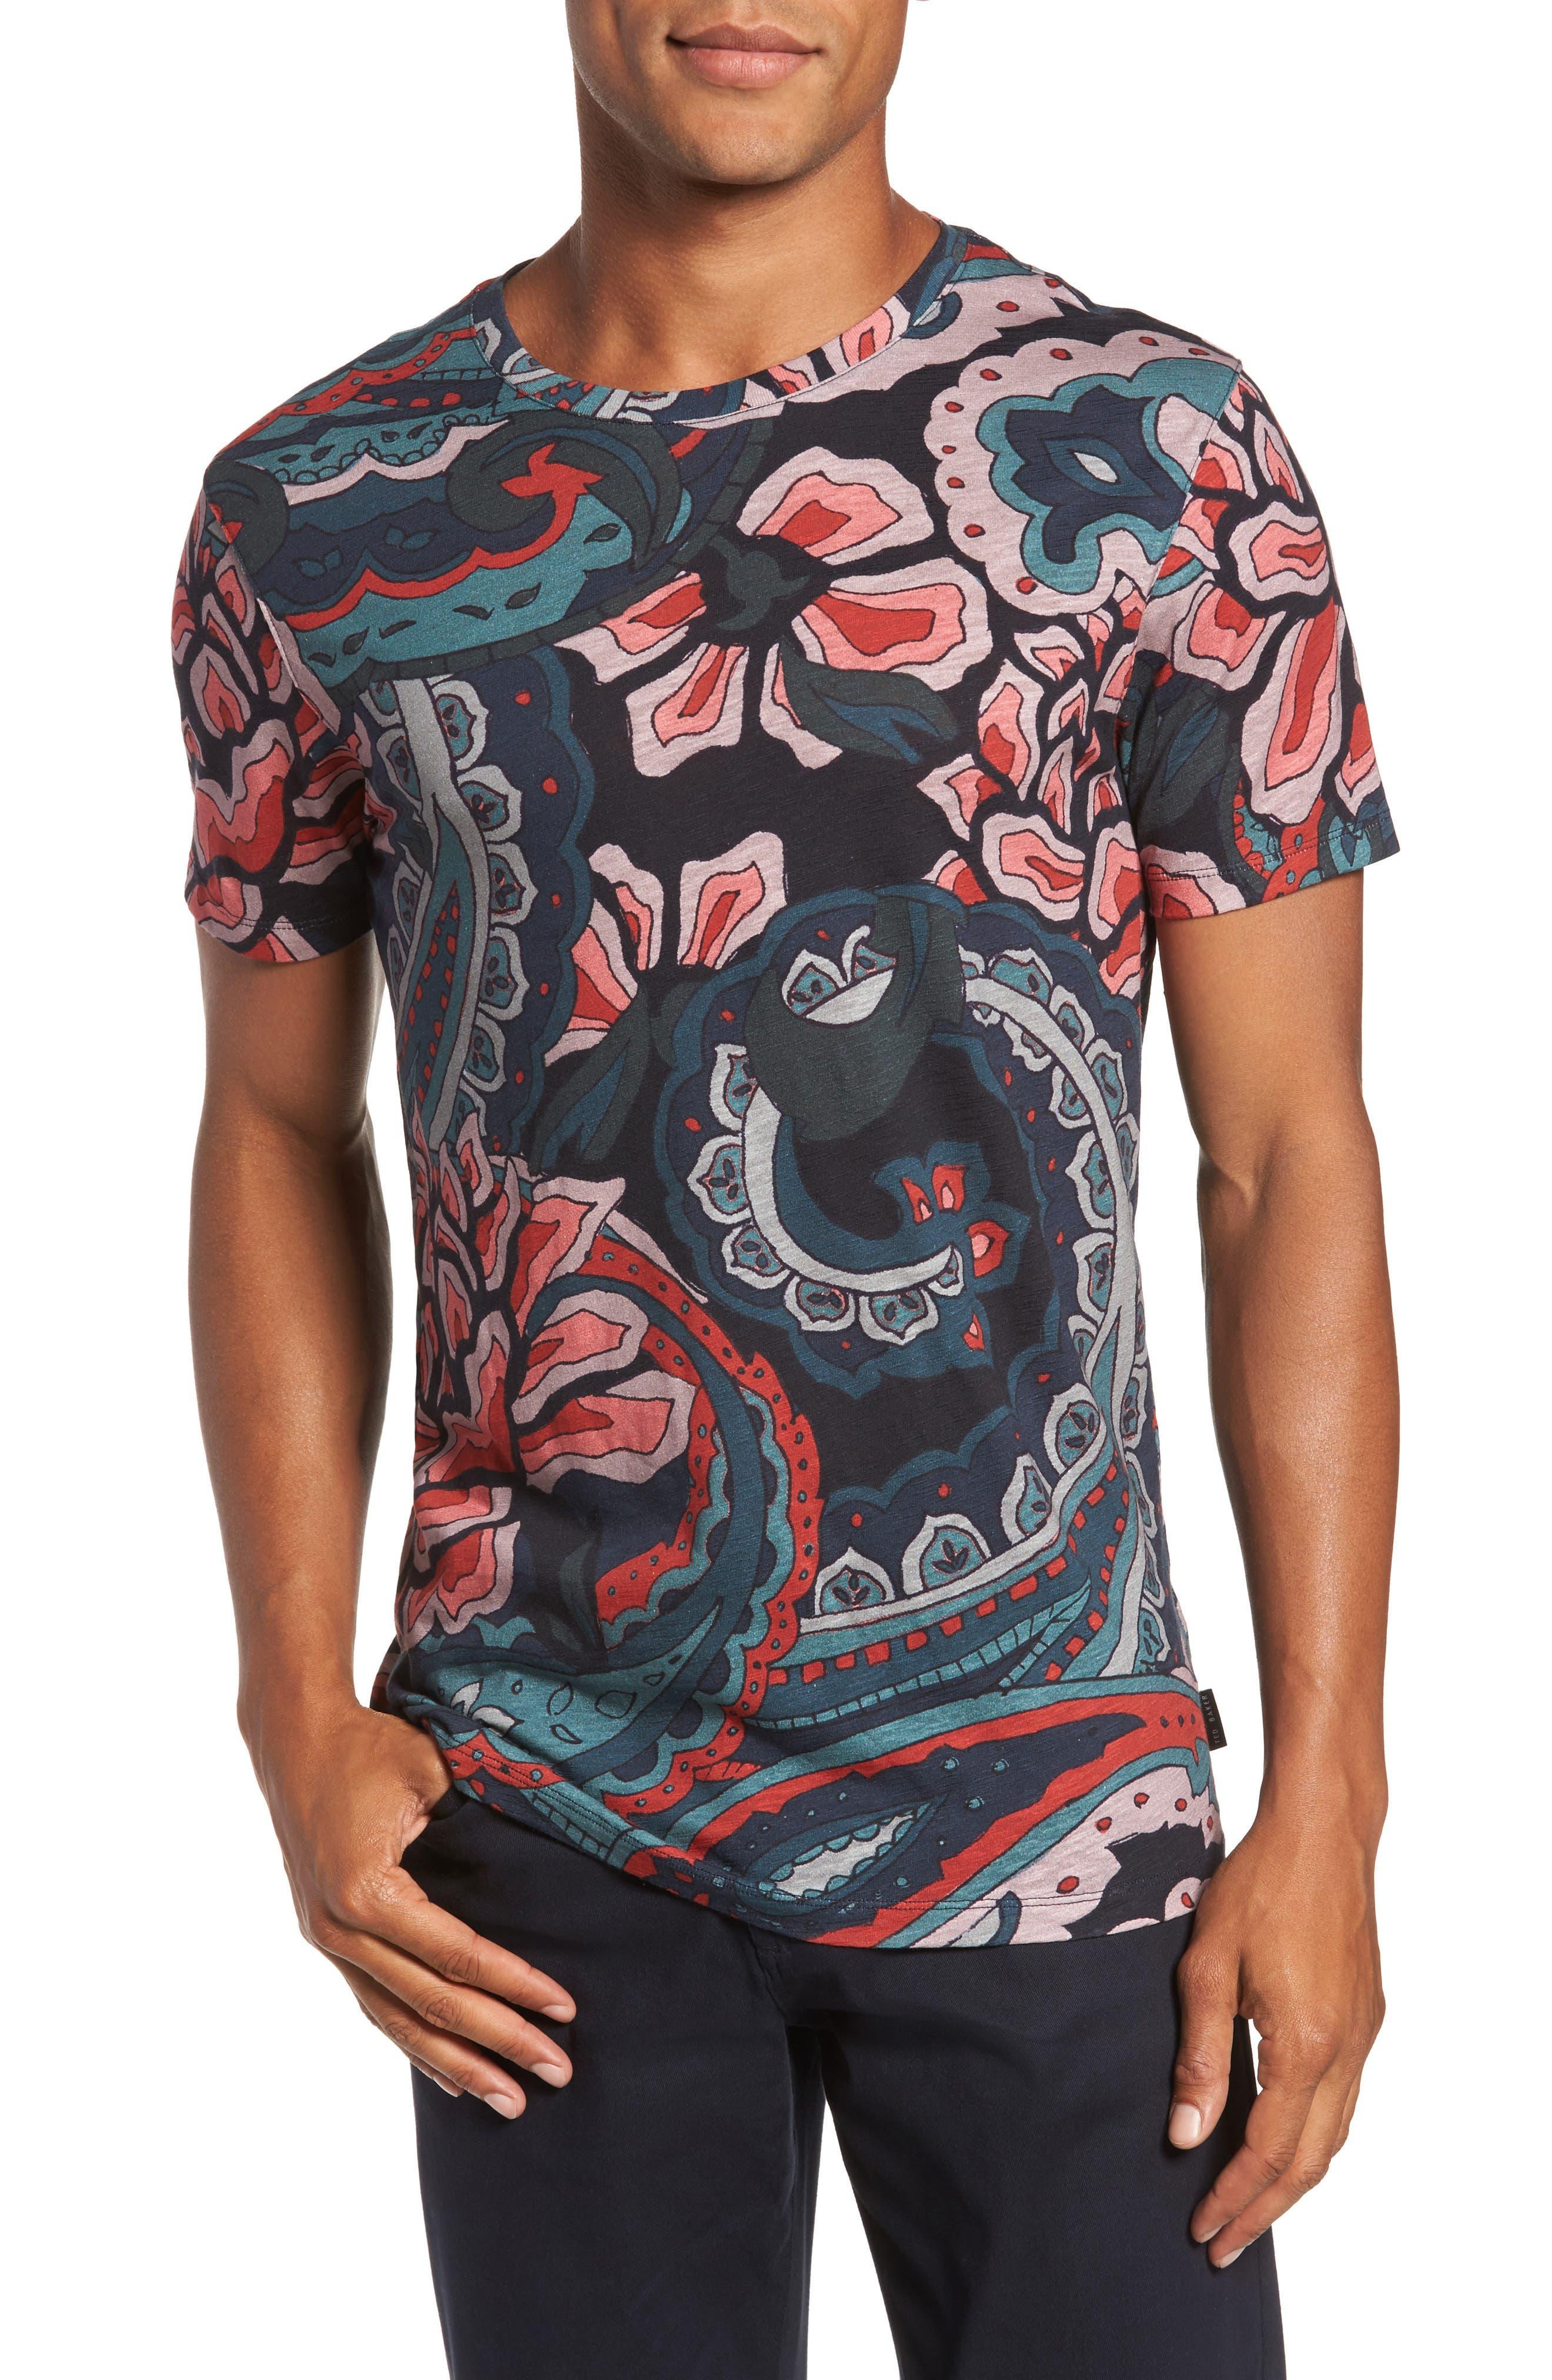 Batsby Paisley Print T-Shirt,                             Main thumbnail 1, color,                             601